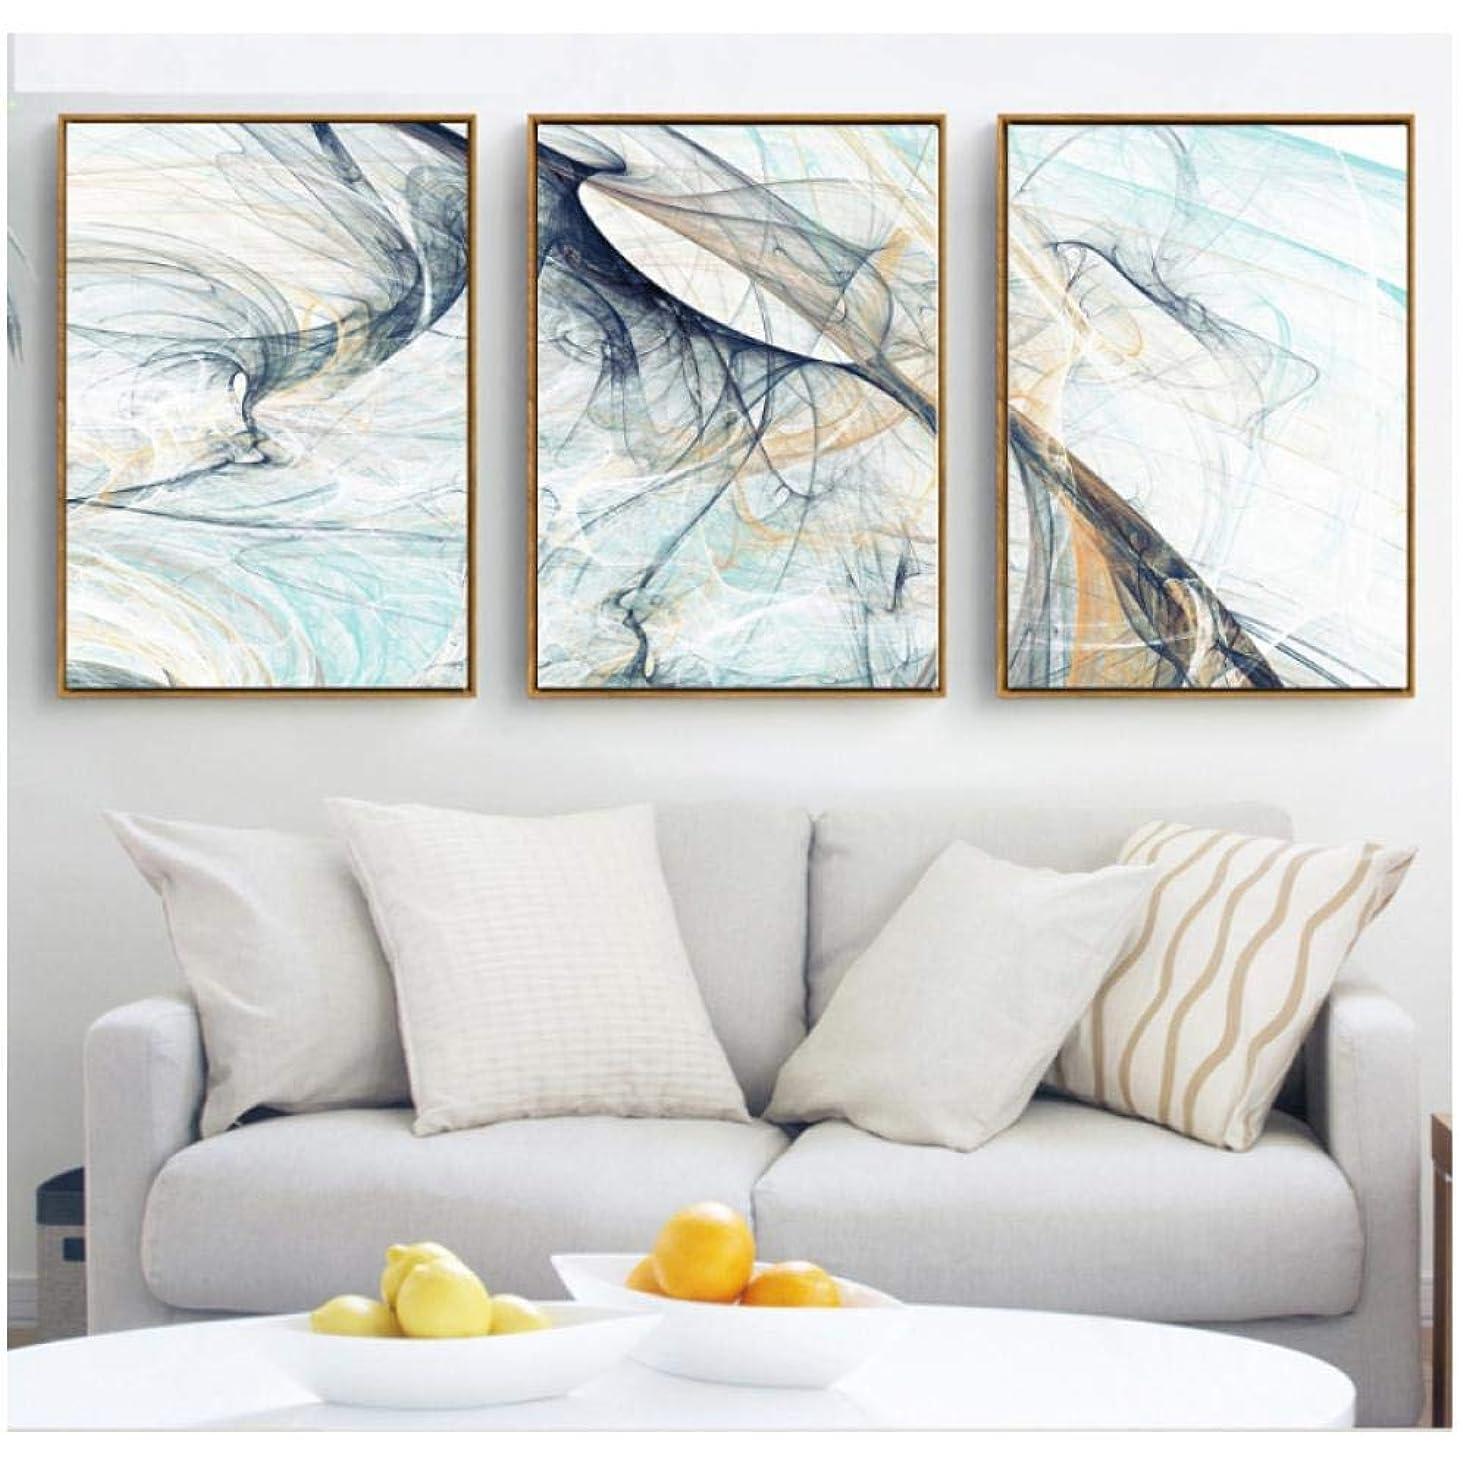 局インテリアコンプリートキャンバスアートプリント北欧の抽象的な幾何学模様の装飾的な絵画の写真のキャンバスの絵画(3個42x60cmフレームなし)